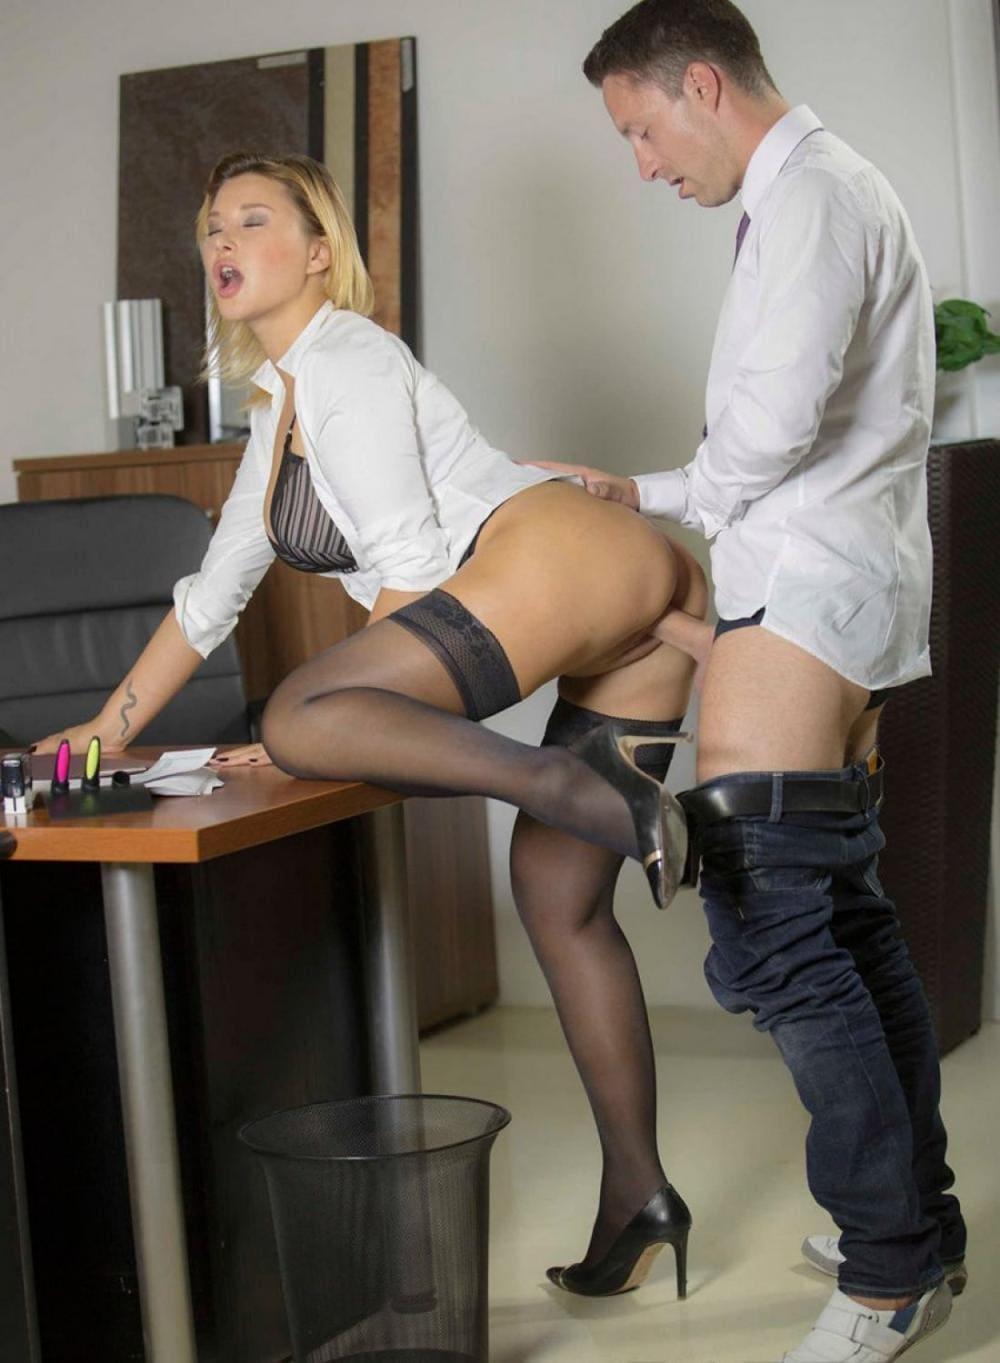 Страстный секс в офисе с блондинкой стоит в чулках и туфлях на каблуке, белой расстегнутой блузе, левую ногу согнула и поставила коленом на стол коллега по работе в белой рубашке приспустив штаны ебет ее сзади